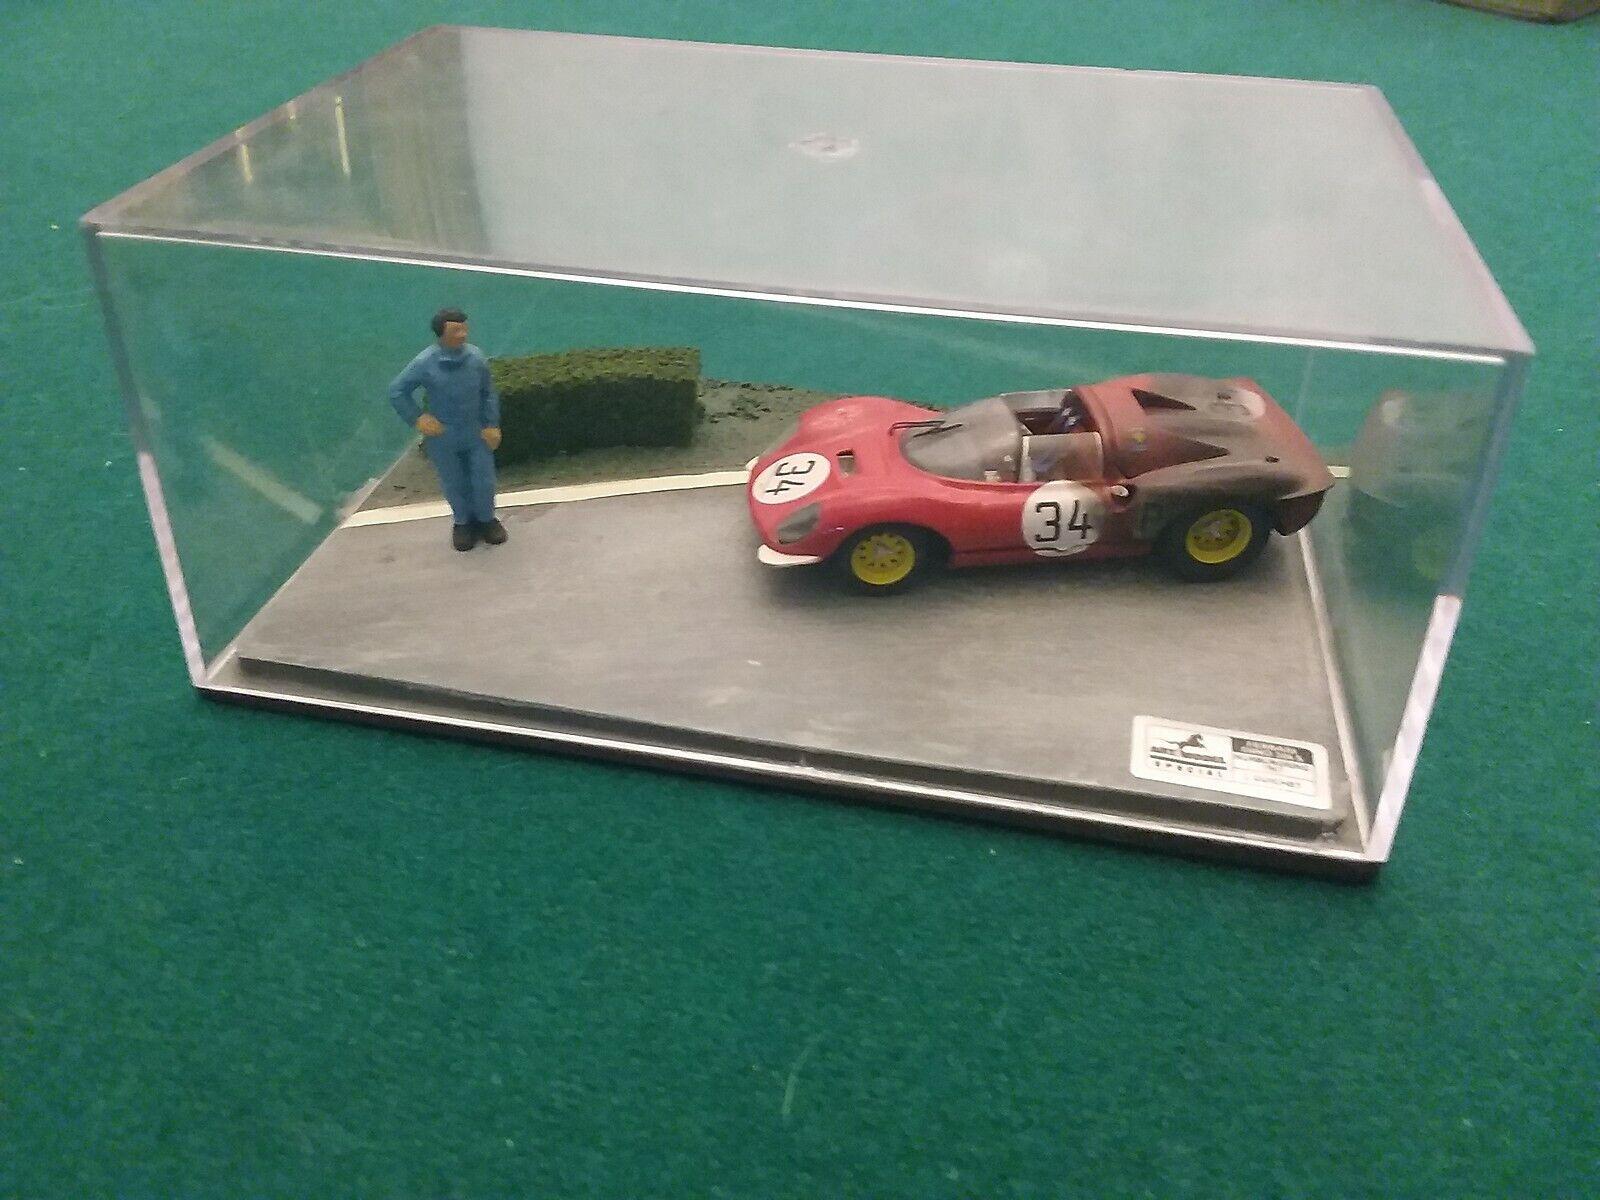 all'ingrosso a buon mercato FERRARI FERRARI FERRARI DINO 206 S by ART modello specialeee scala 1 43 serie limitata specialeee  economico online